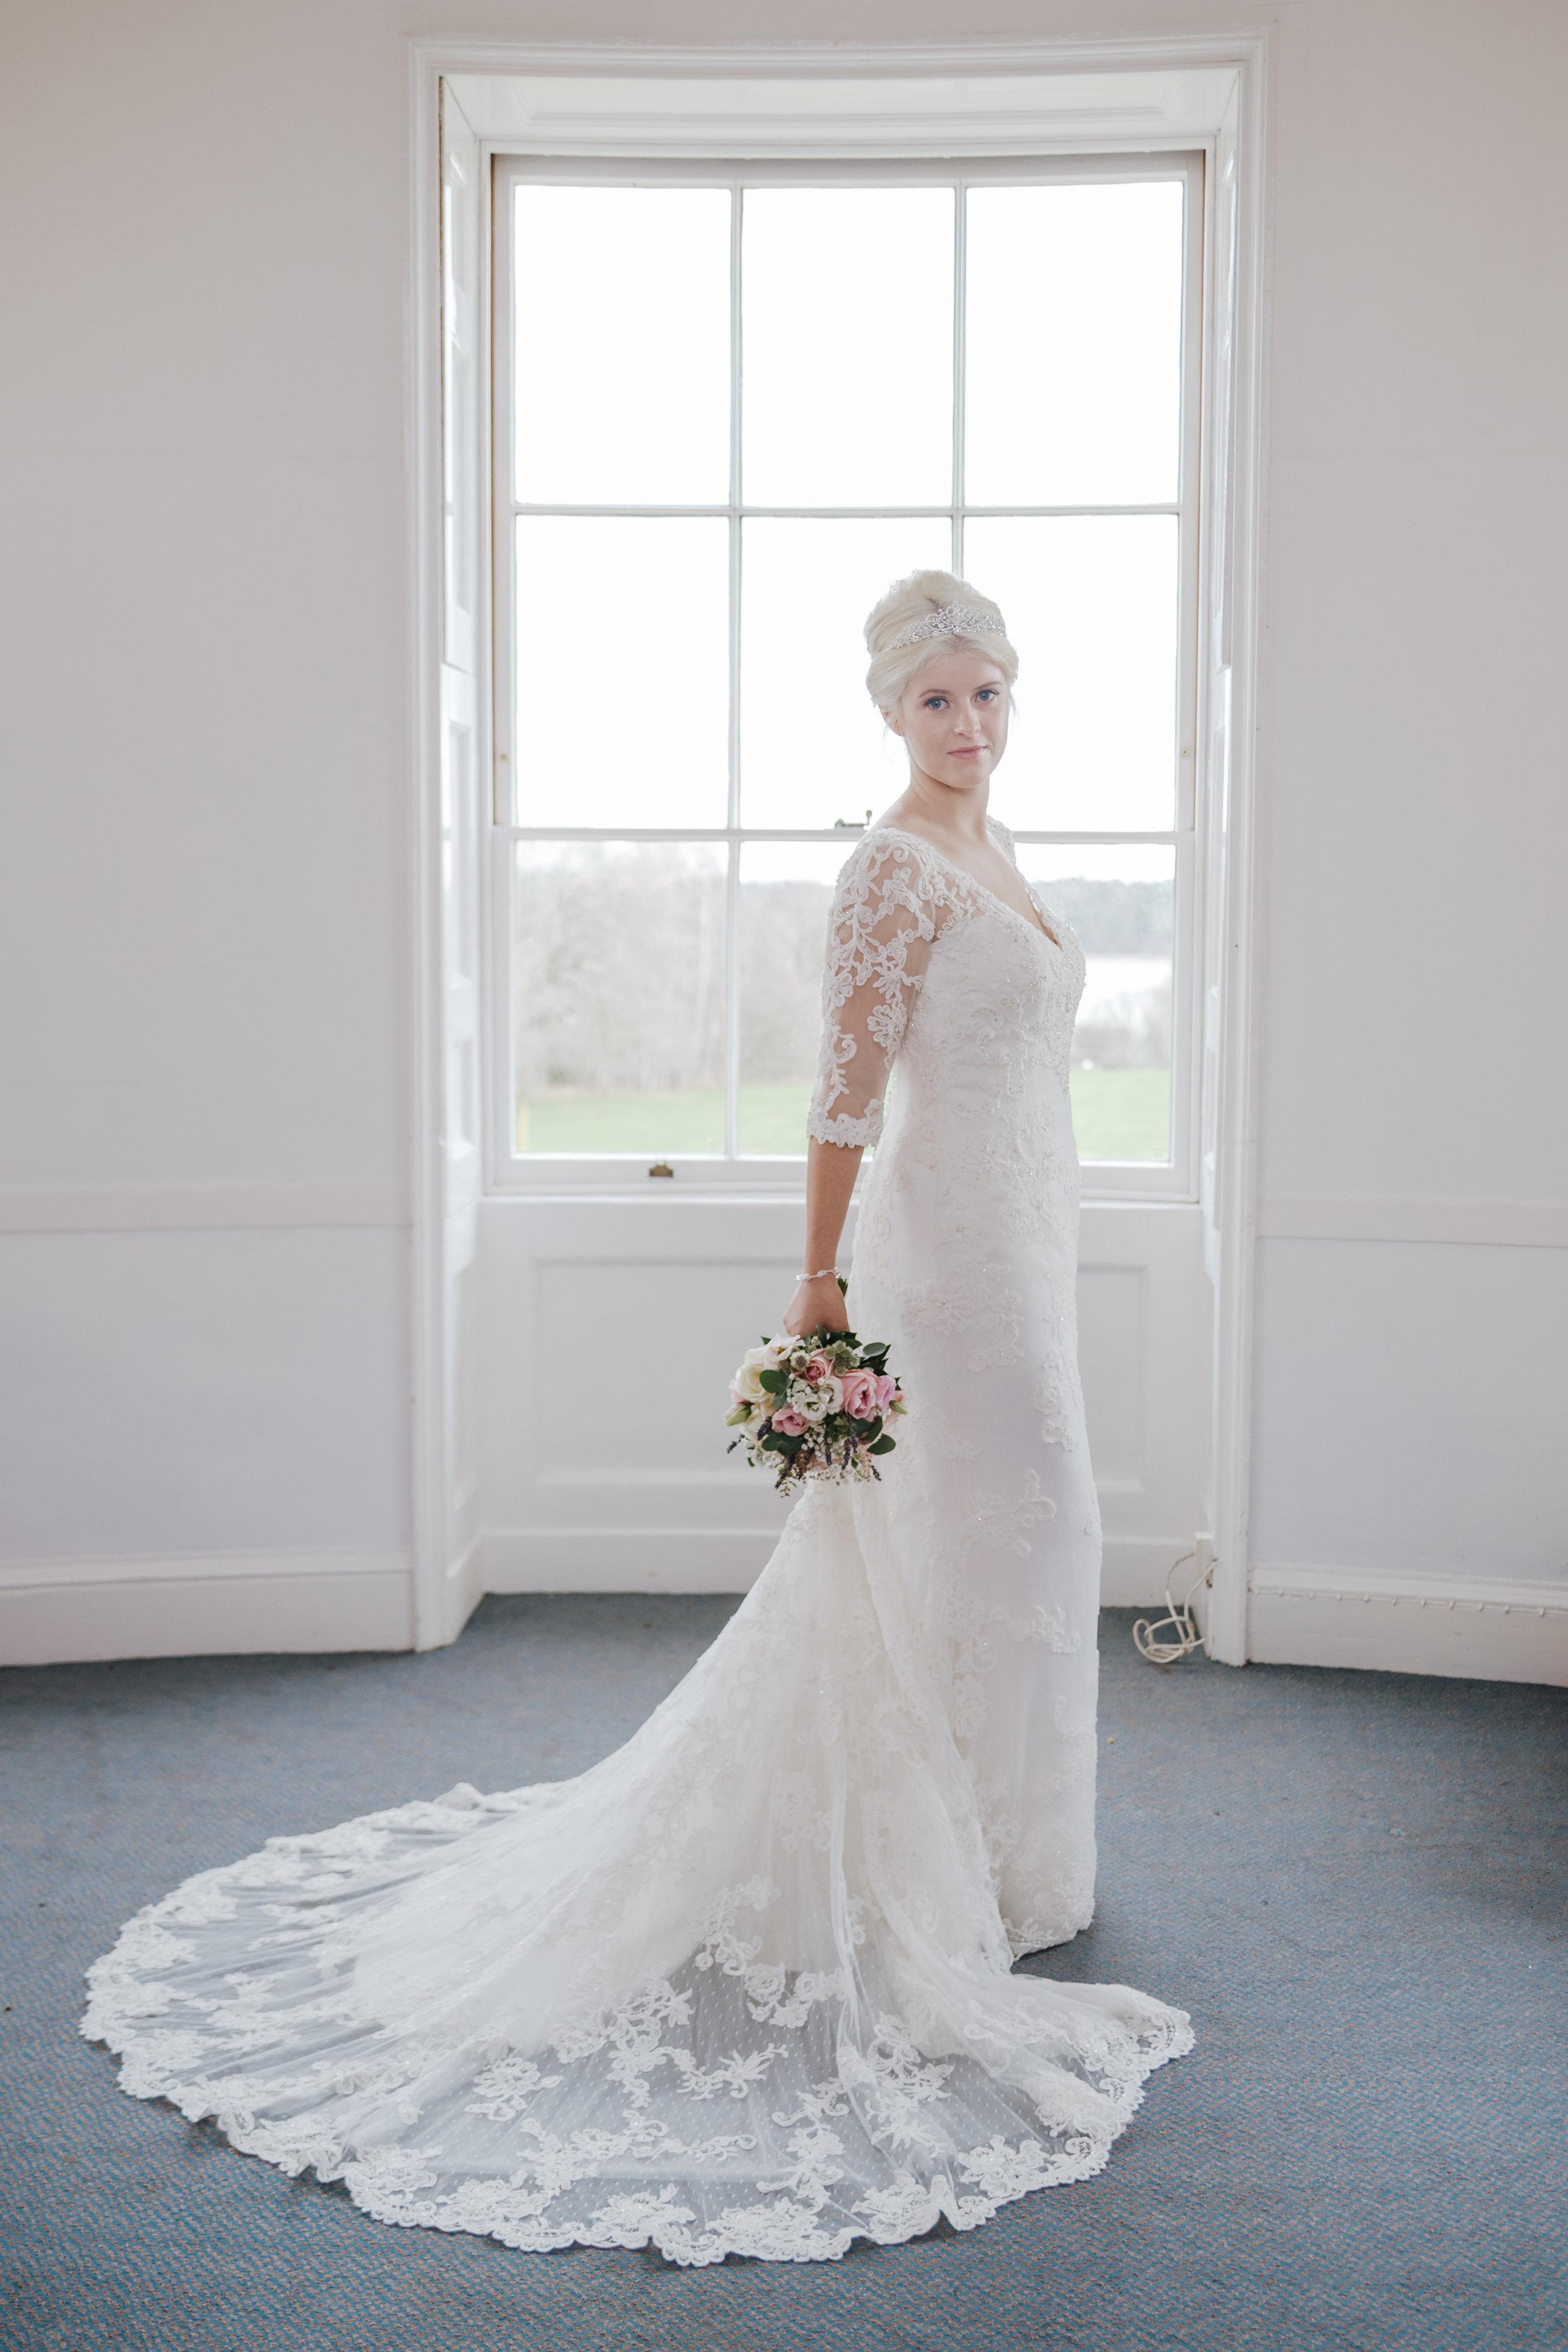 Woolverstone_Hall_Suffolk_Wedding_photography (29).jpg